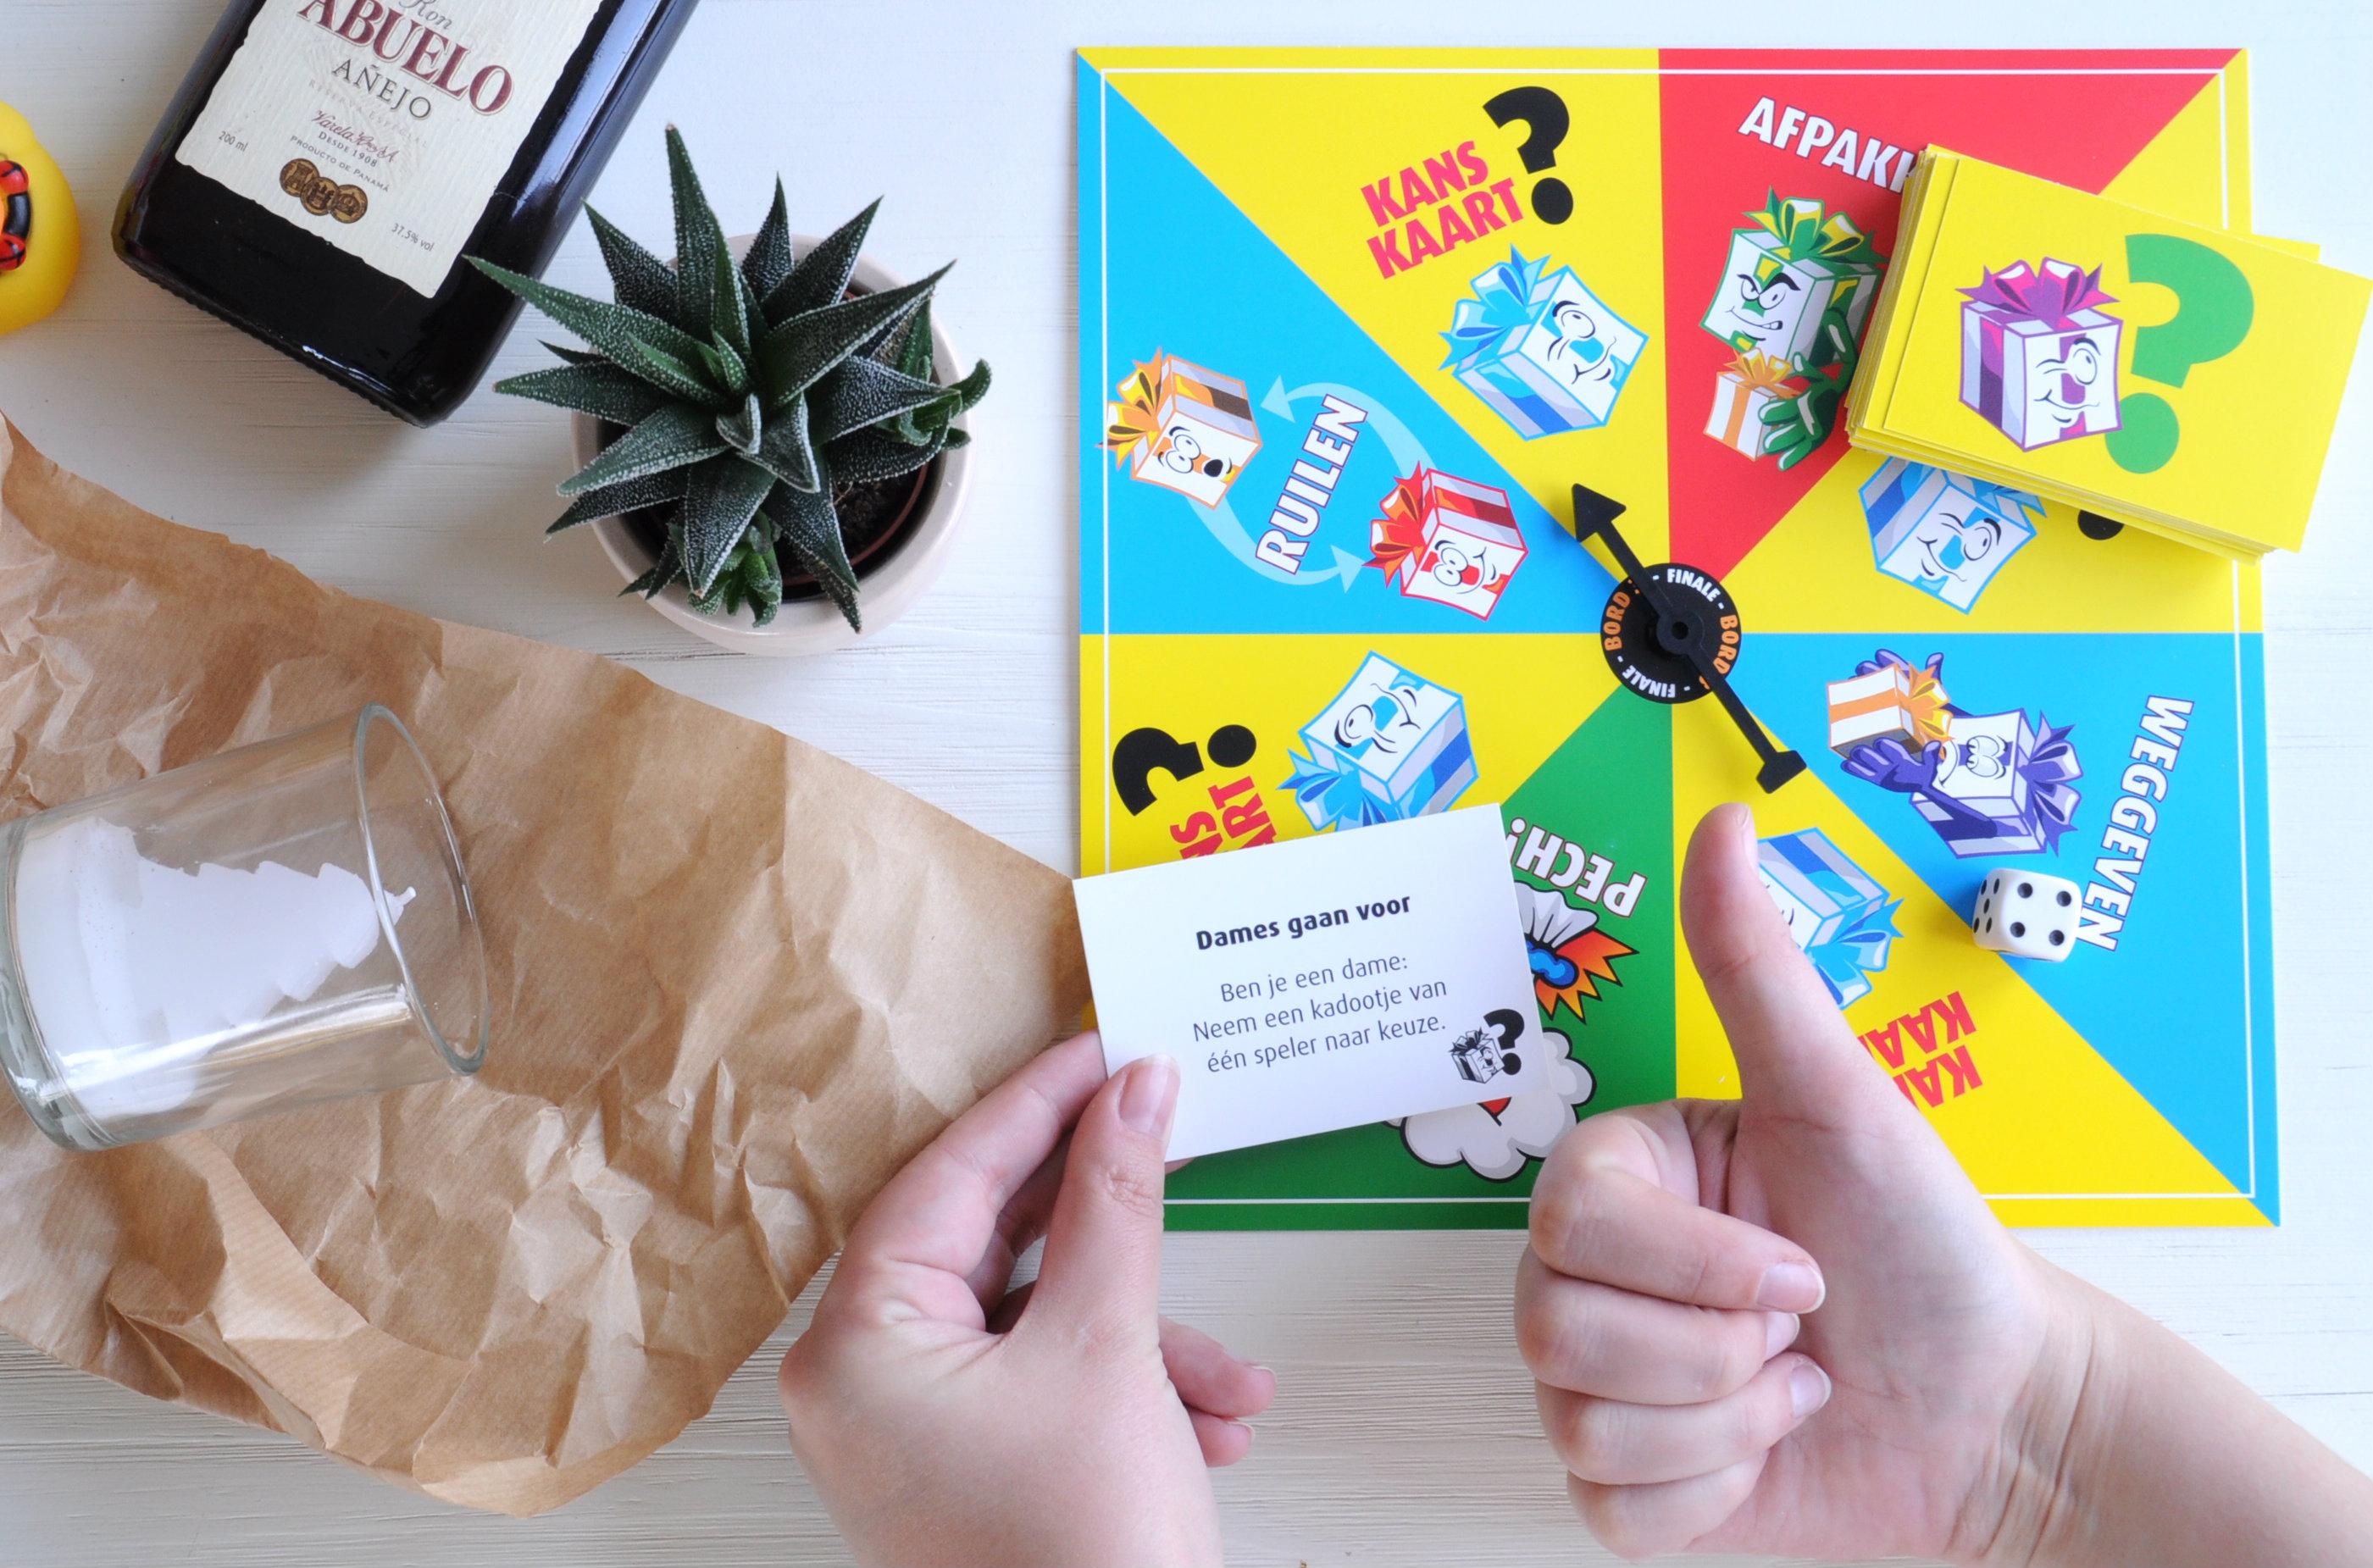 kanskaart-pakjesspel